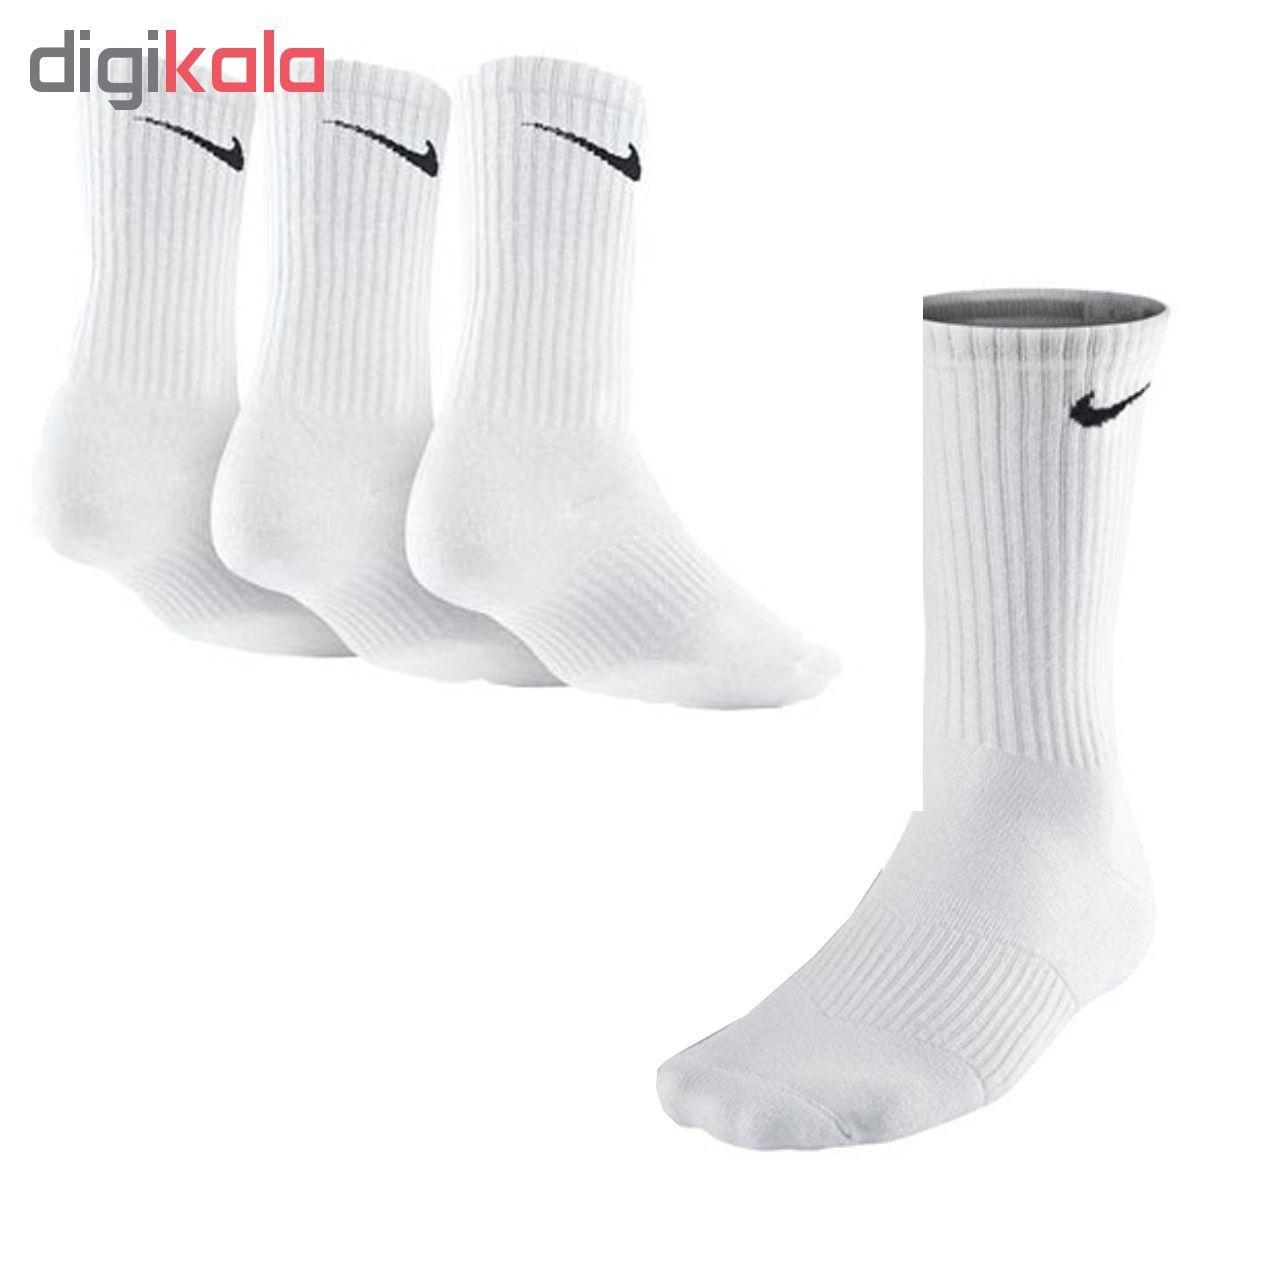 جوراب نخی ورزشی مدل کف حوله ای کد H102 -  - 3